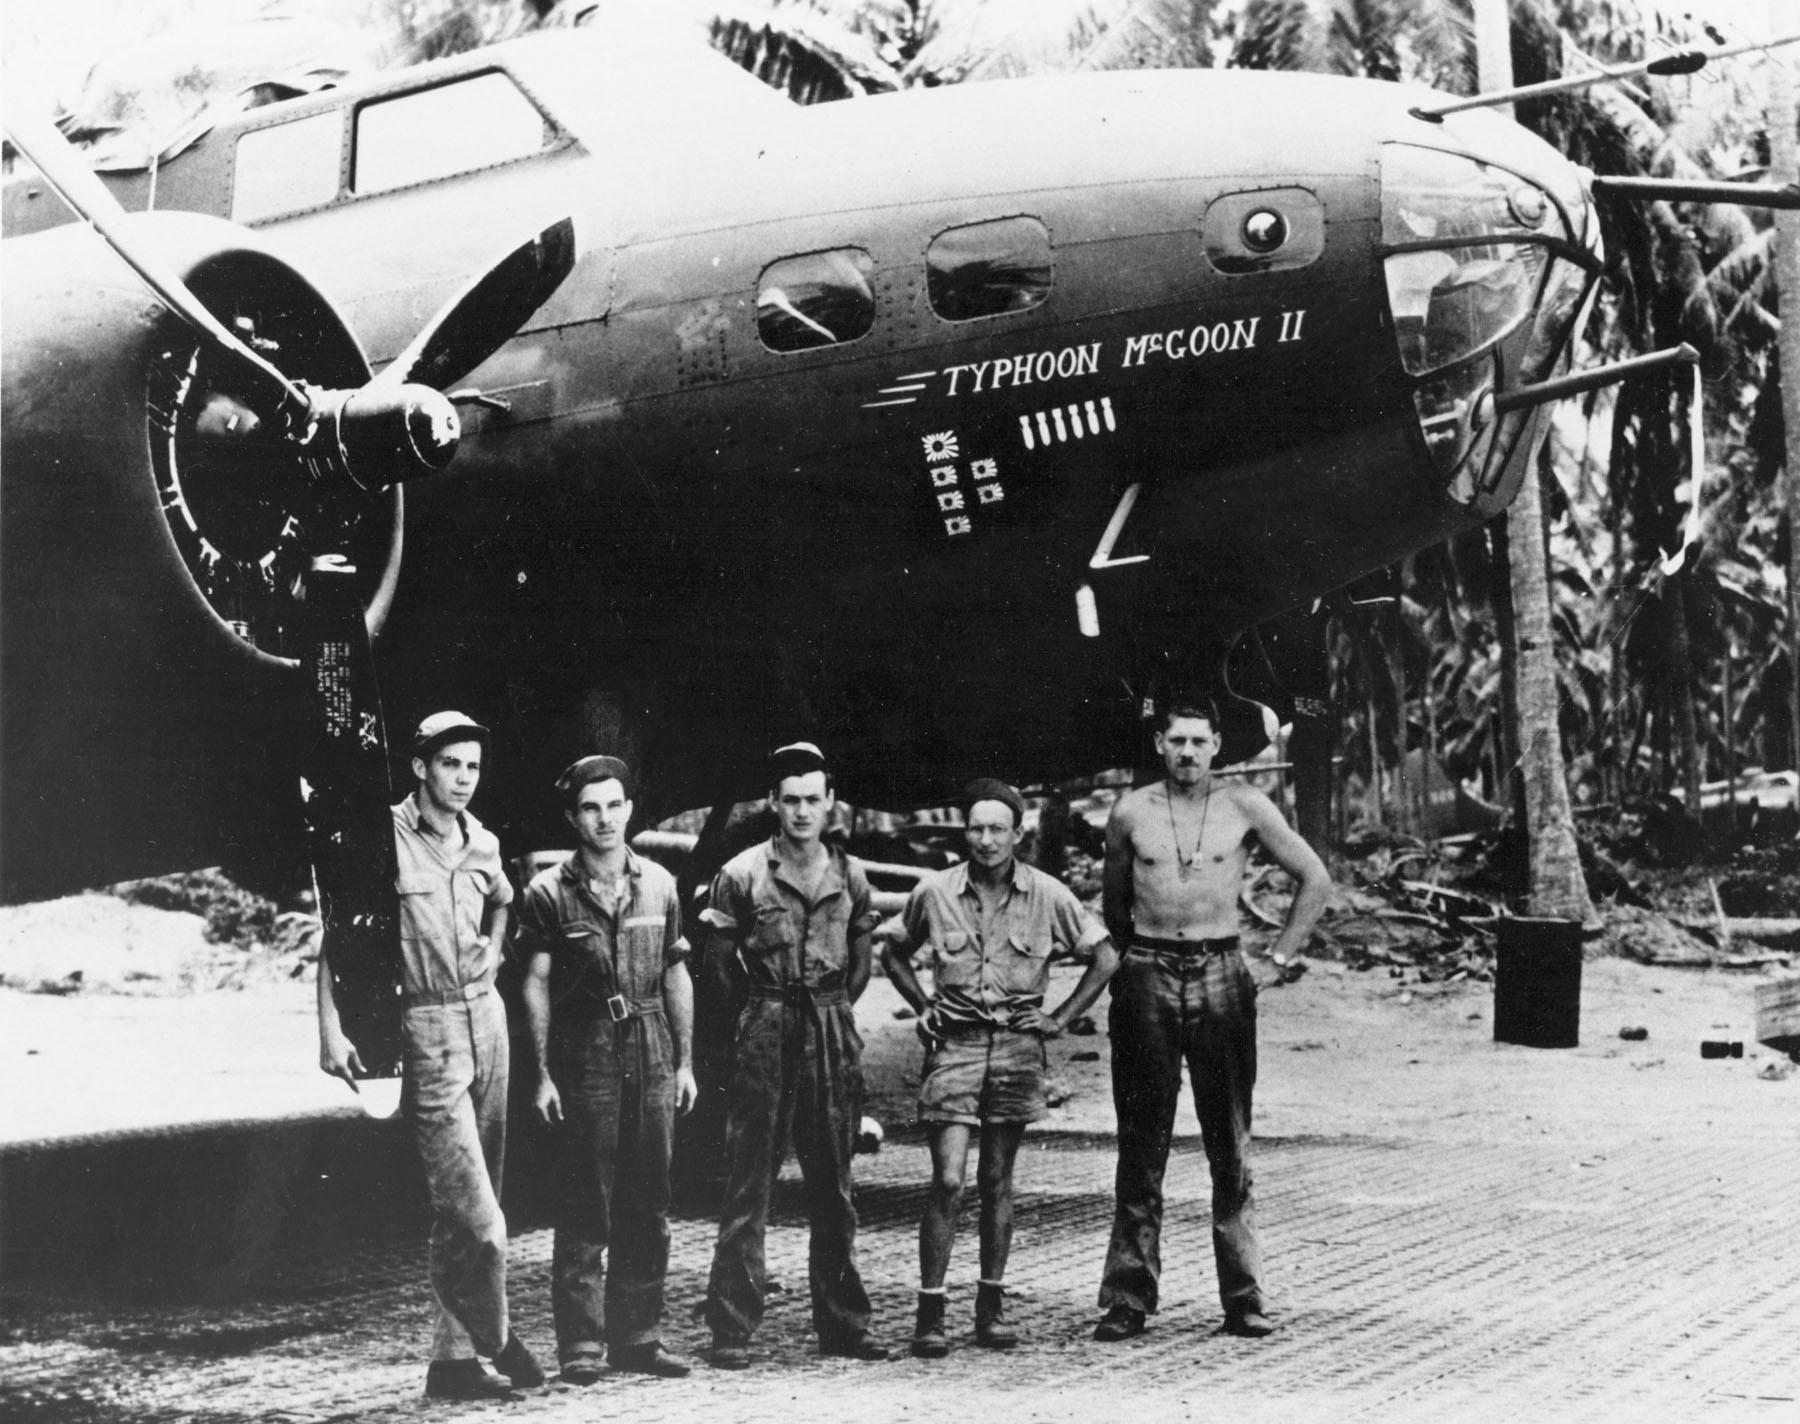 B-17 #41-9211 / Typhoon McGoon II